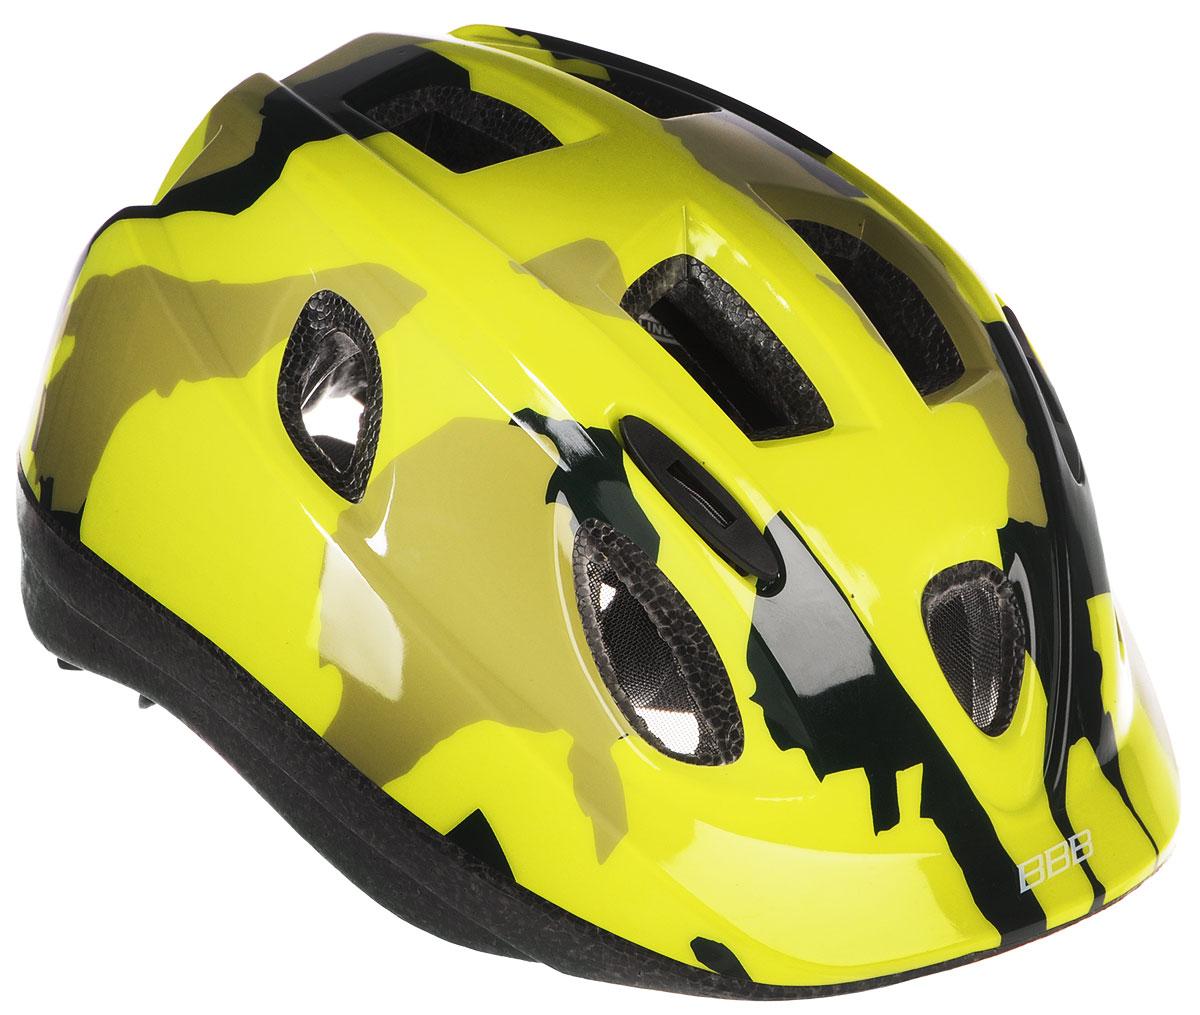 Шлем летний BBB Boogy. Камуфляж, цвет: желтый неон. Размер SГризлиДетский шлем BBB Boogy. Камуфляж предназначен для велосипедистов, скейтбордистов и роллеров. Изделие снабжено настраиваемыми ремешками для максимально комфортной посадки. Система TwistClose - позволяет настроить шлем одной рукой. Увеличенное количество вентиляционных отверстий гарантирует отличную циркуляцию воздуха на разных скоростях движения при сохранении жесткости. Шлем оснащен съемными мягкими накладками с антибактериальными свойствами. Внутренняя часть изделия изготовлена из пенополистирола. Ее роль заключается в рассеивании энергии при ударе, что защищает голову. Верхняя часть шлема, выполненная из прочного пластика, препятствует разрушению изделия, защищает шлем от прокола и позволять ему скользить при ударах. Способность шлема скользить по поверхности является важной его характеристикой, так как при падении движение уменьшается не сразу, а постепенно, снижая тем самым нагрузку на голову и шею. Надежный шлем с ярким дизайном имеет светоотражающие наклейки на задней части изделия. Такой шлем обеспечит высокую степень защиты вашего ребенка. А 12 вентиляционных отверстий сделают катание максимально комфортным.Размер: S. Обхват головы ребенка: 48-54 см.